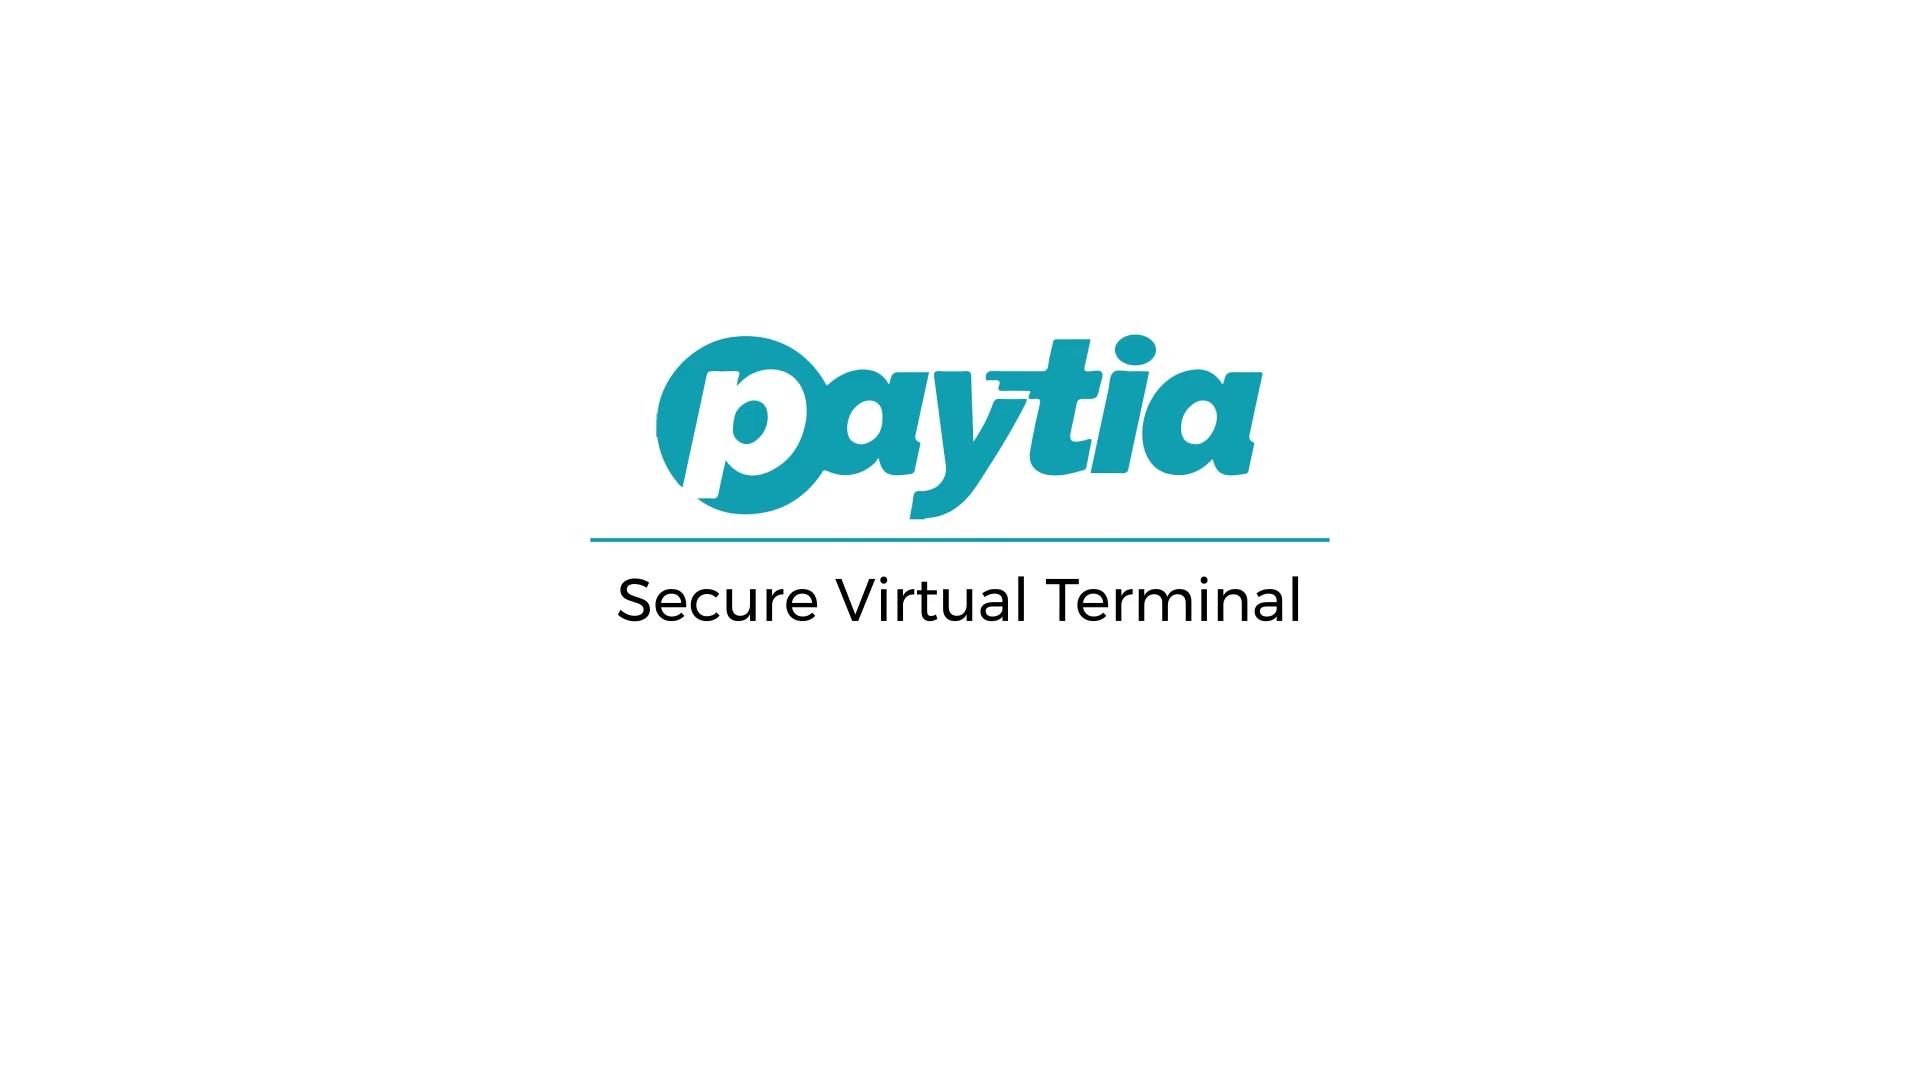 Paytia_V2-1080p-210930